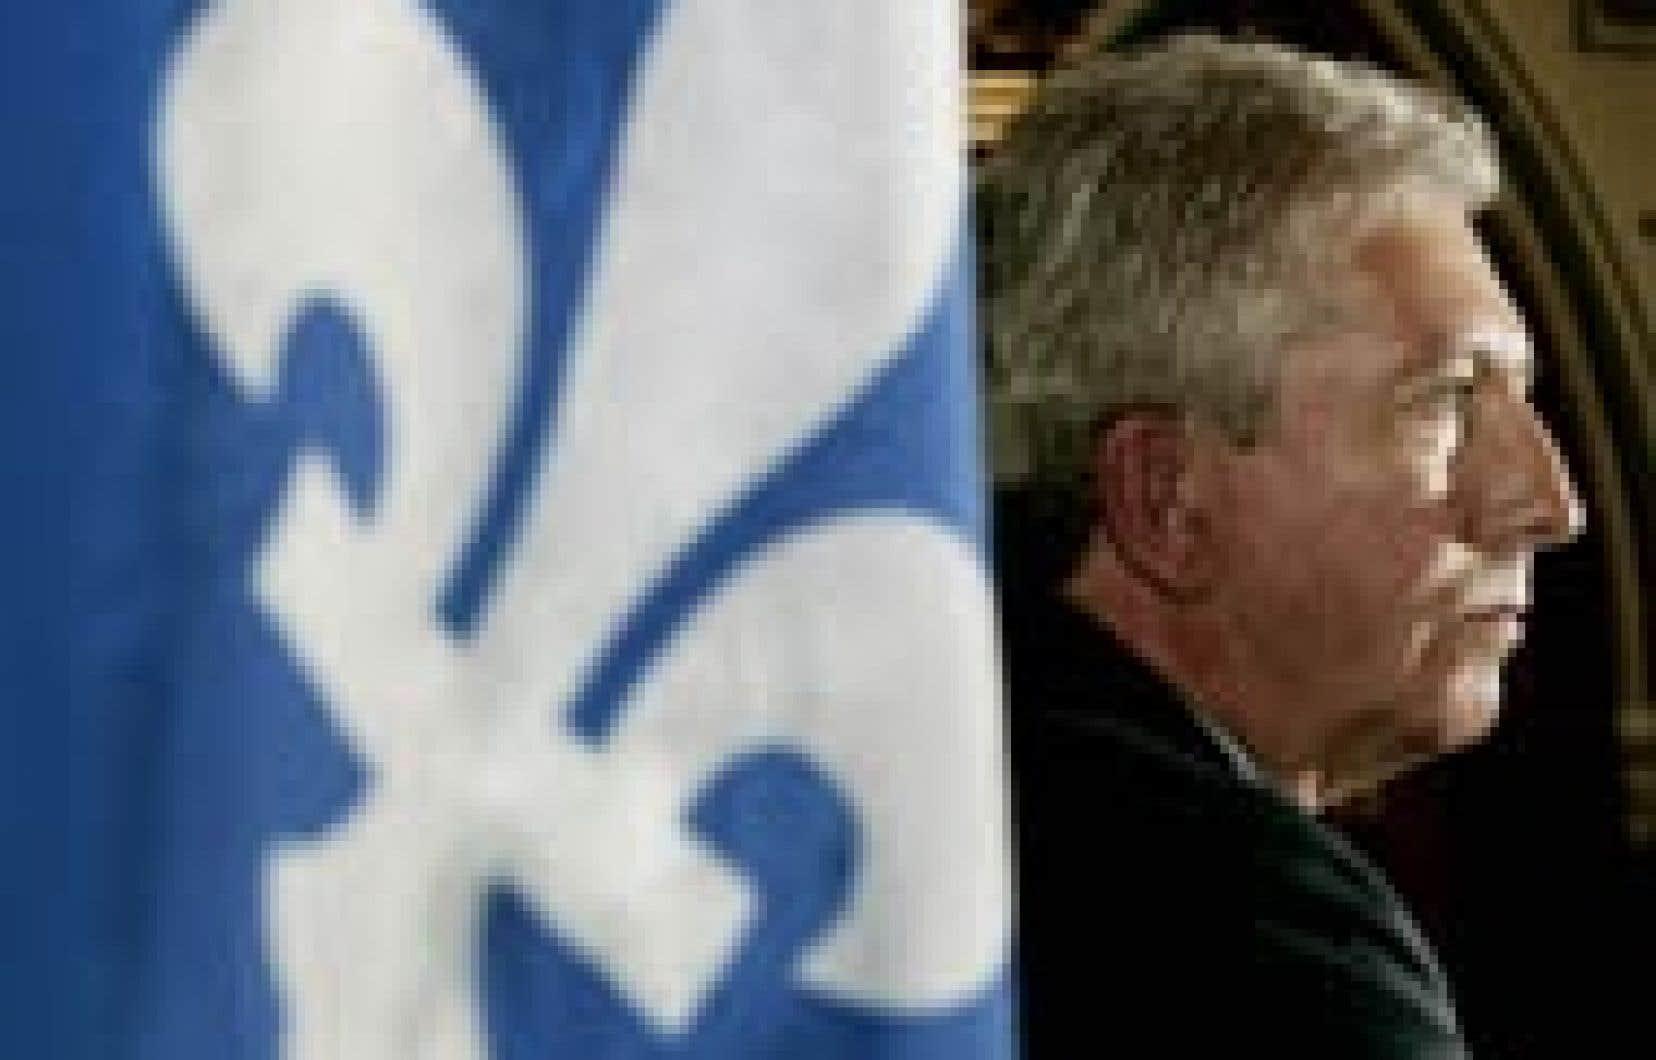 Selon Gilles Duceppe, il n'en tient qu'aux libéraux de ne pas revivre la guerre de procédures qui a sévi aux Communes le printemps dernier.